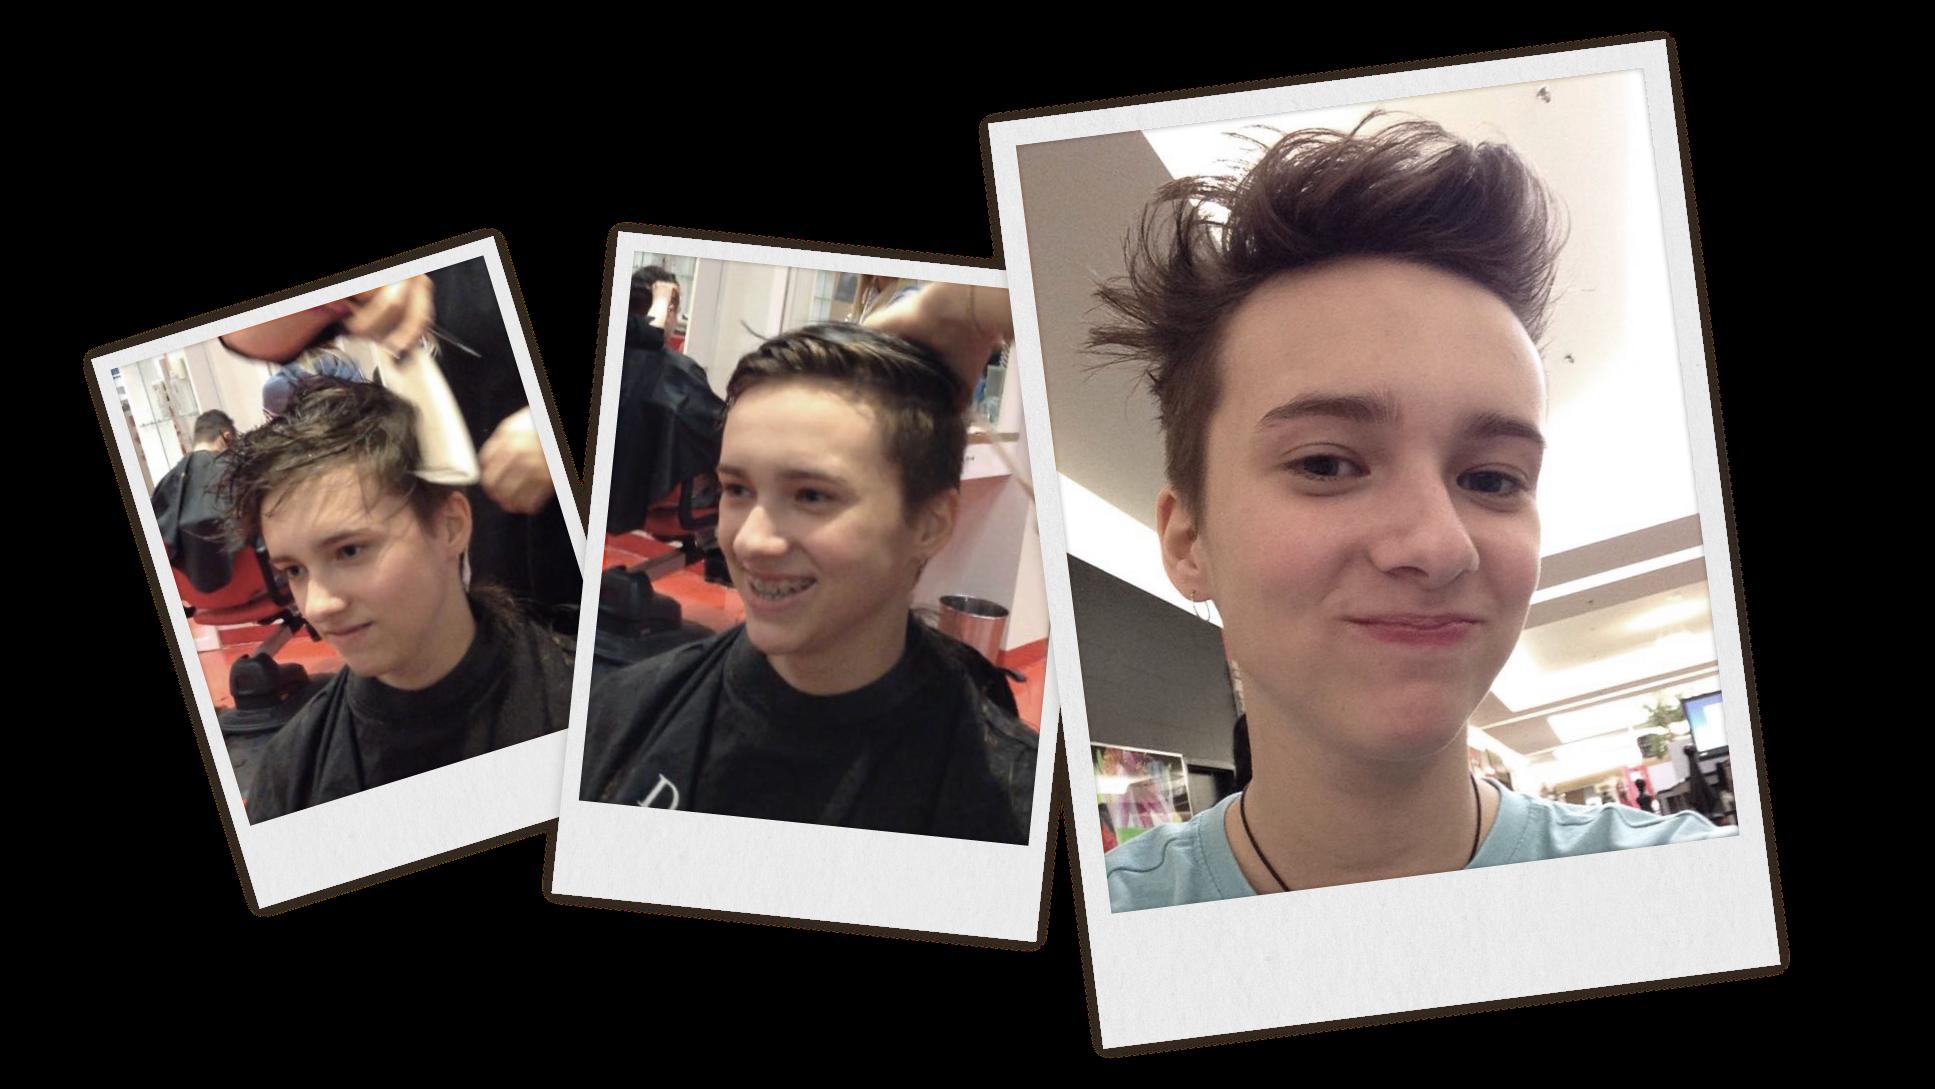 Montage de trois photos prises lors de la coupe de cheveux de Loukas